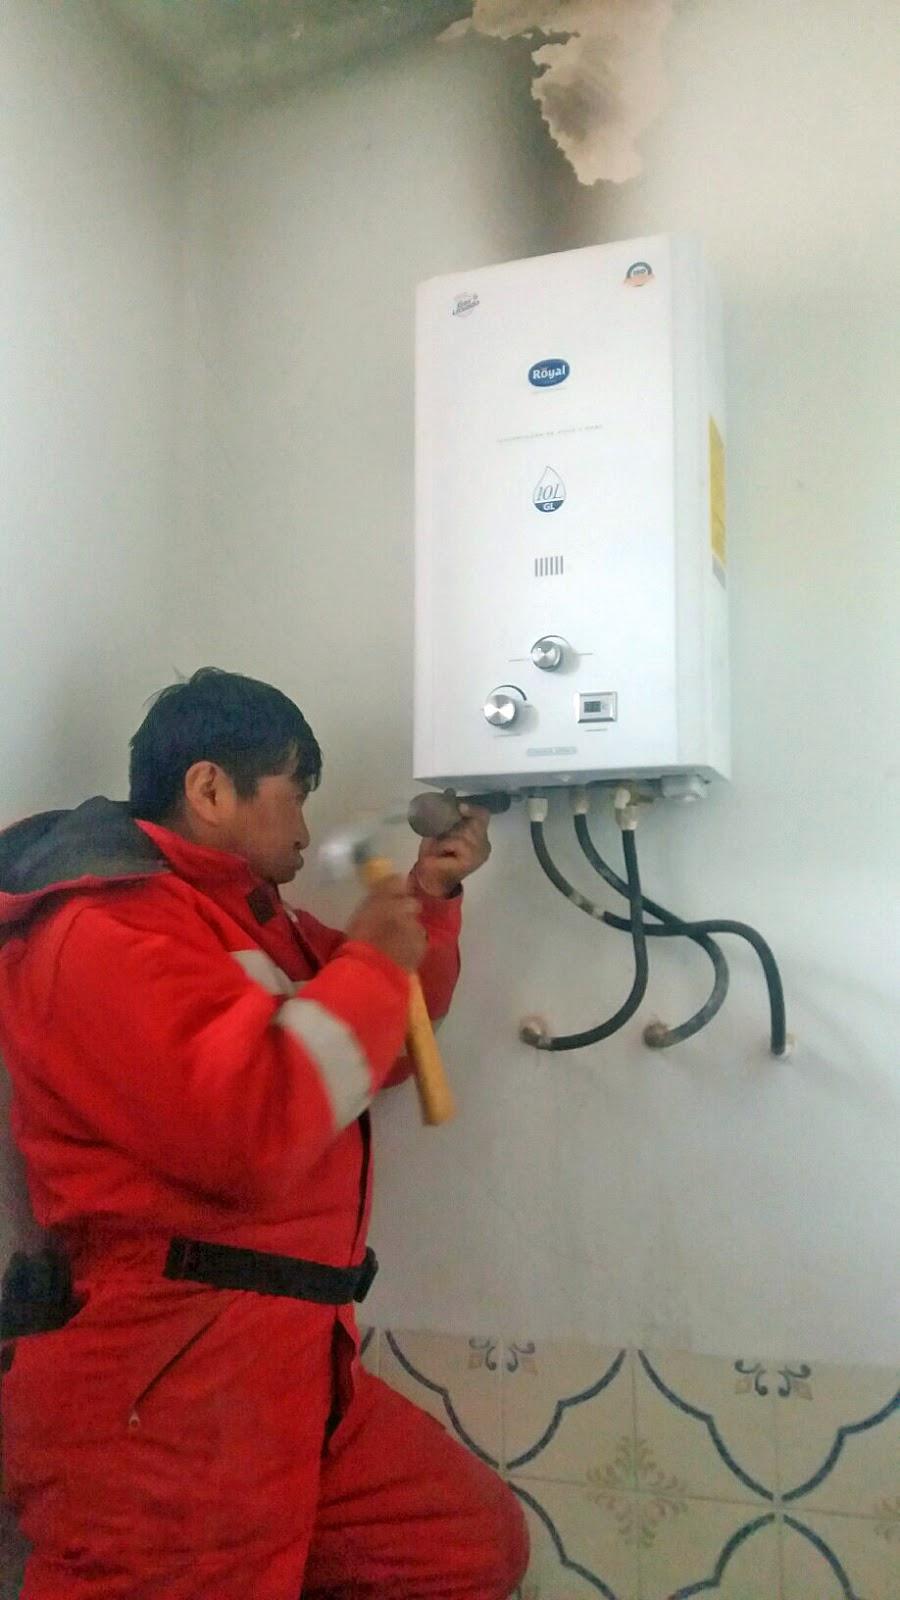 Leben in den Anden Boliviens: Warmwasserboiler ist installiert